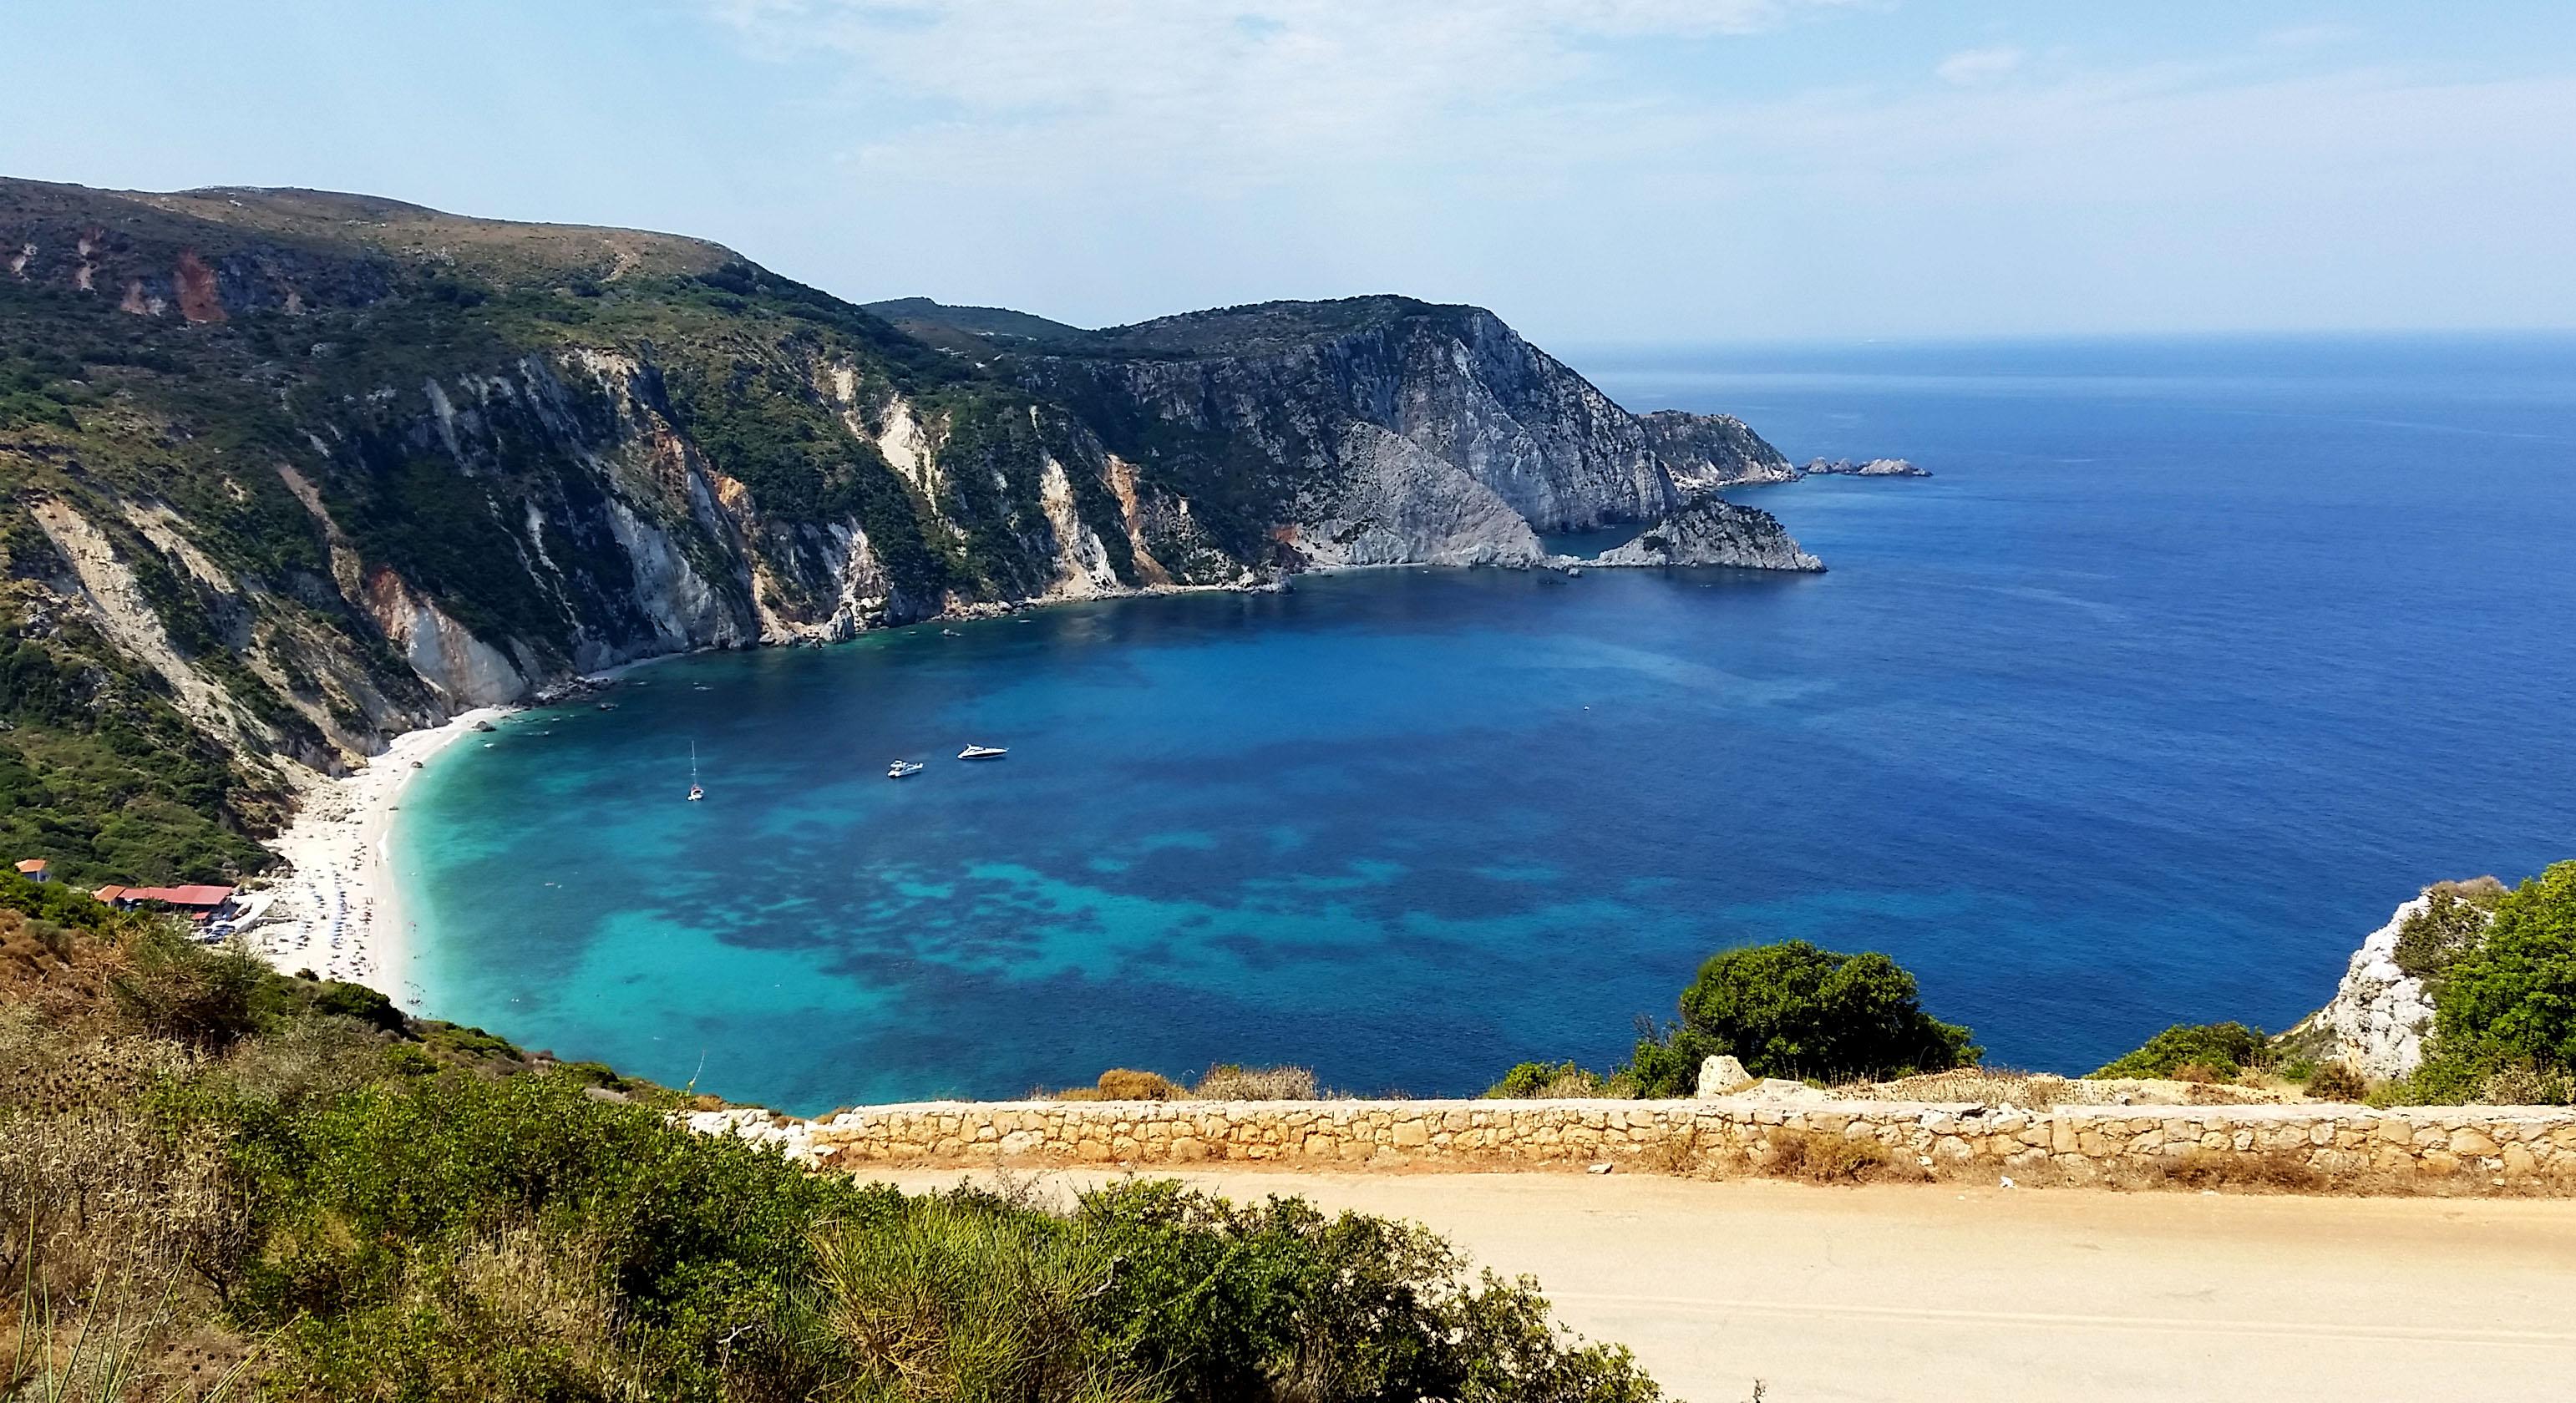 L'île de Céphalonie parmi les 25 lieux incroyables à voir en Europe